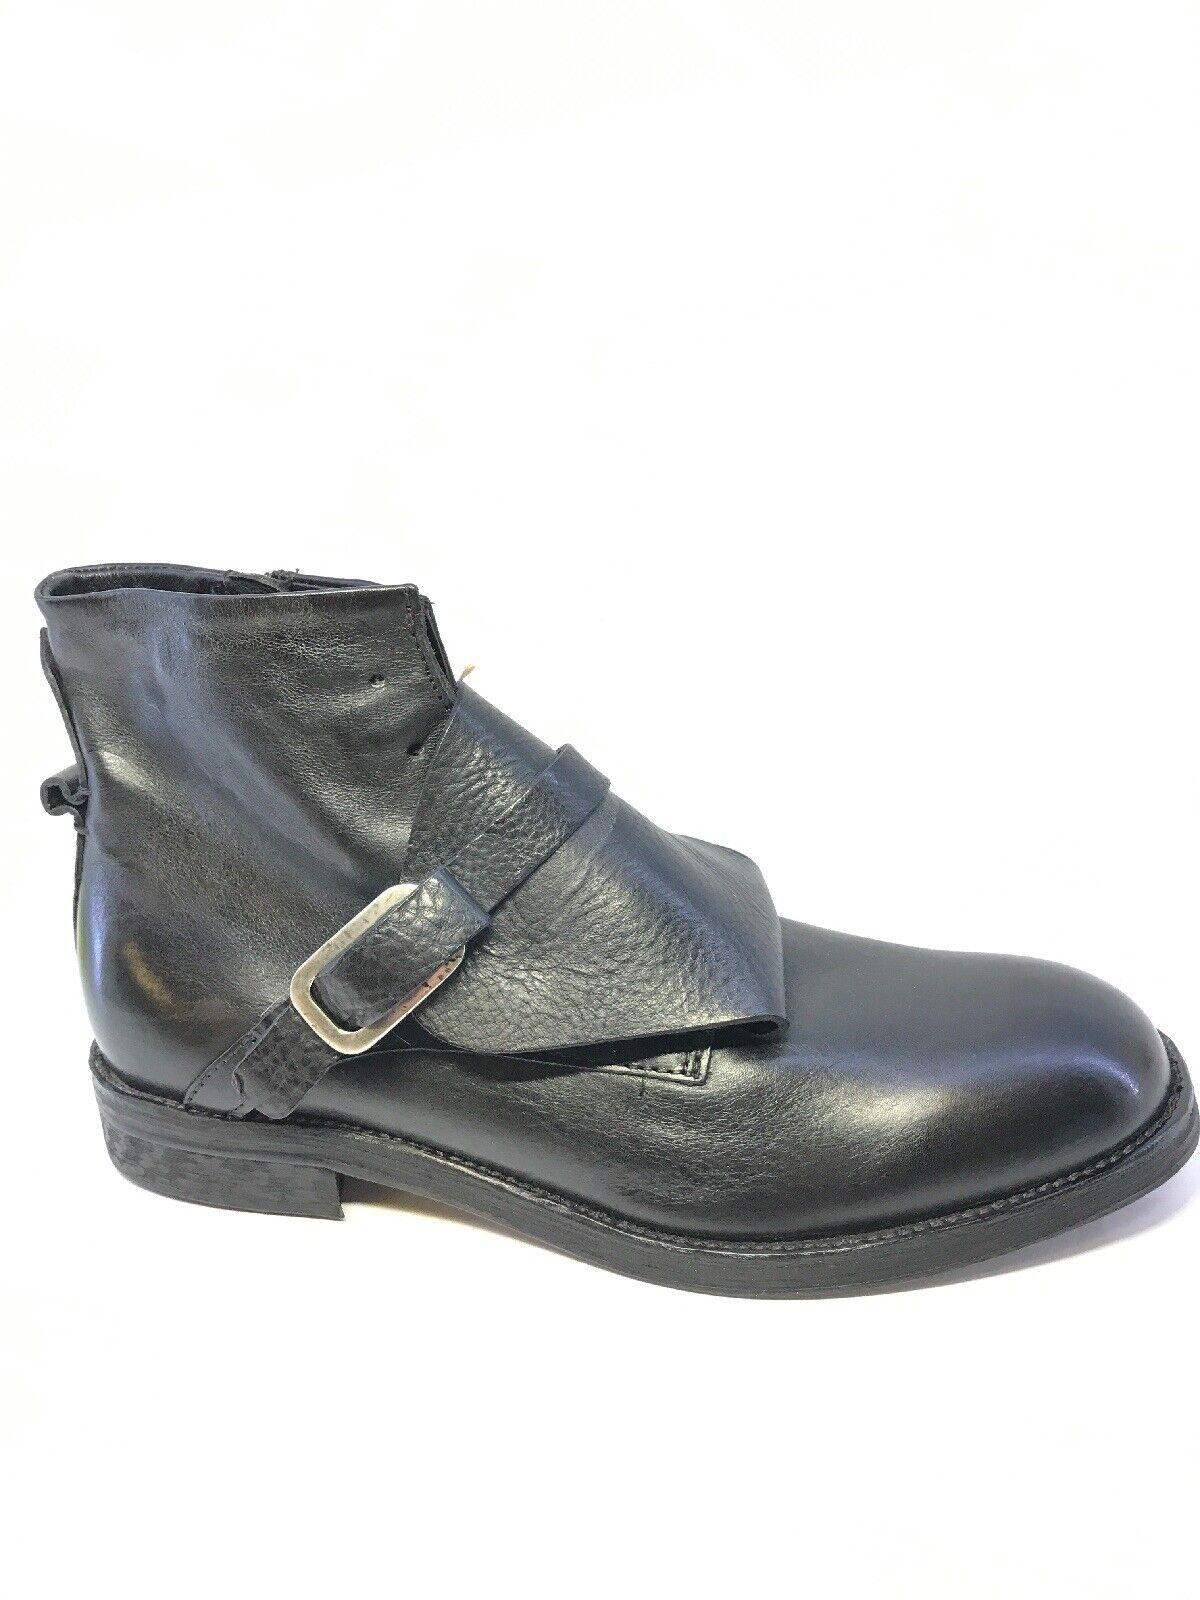 A.S.98 Uomo Nero Stivali In Pelle Dettaglio Fibbia EUR 44